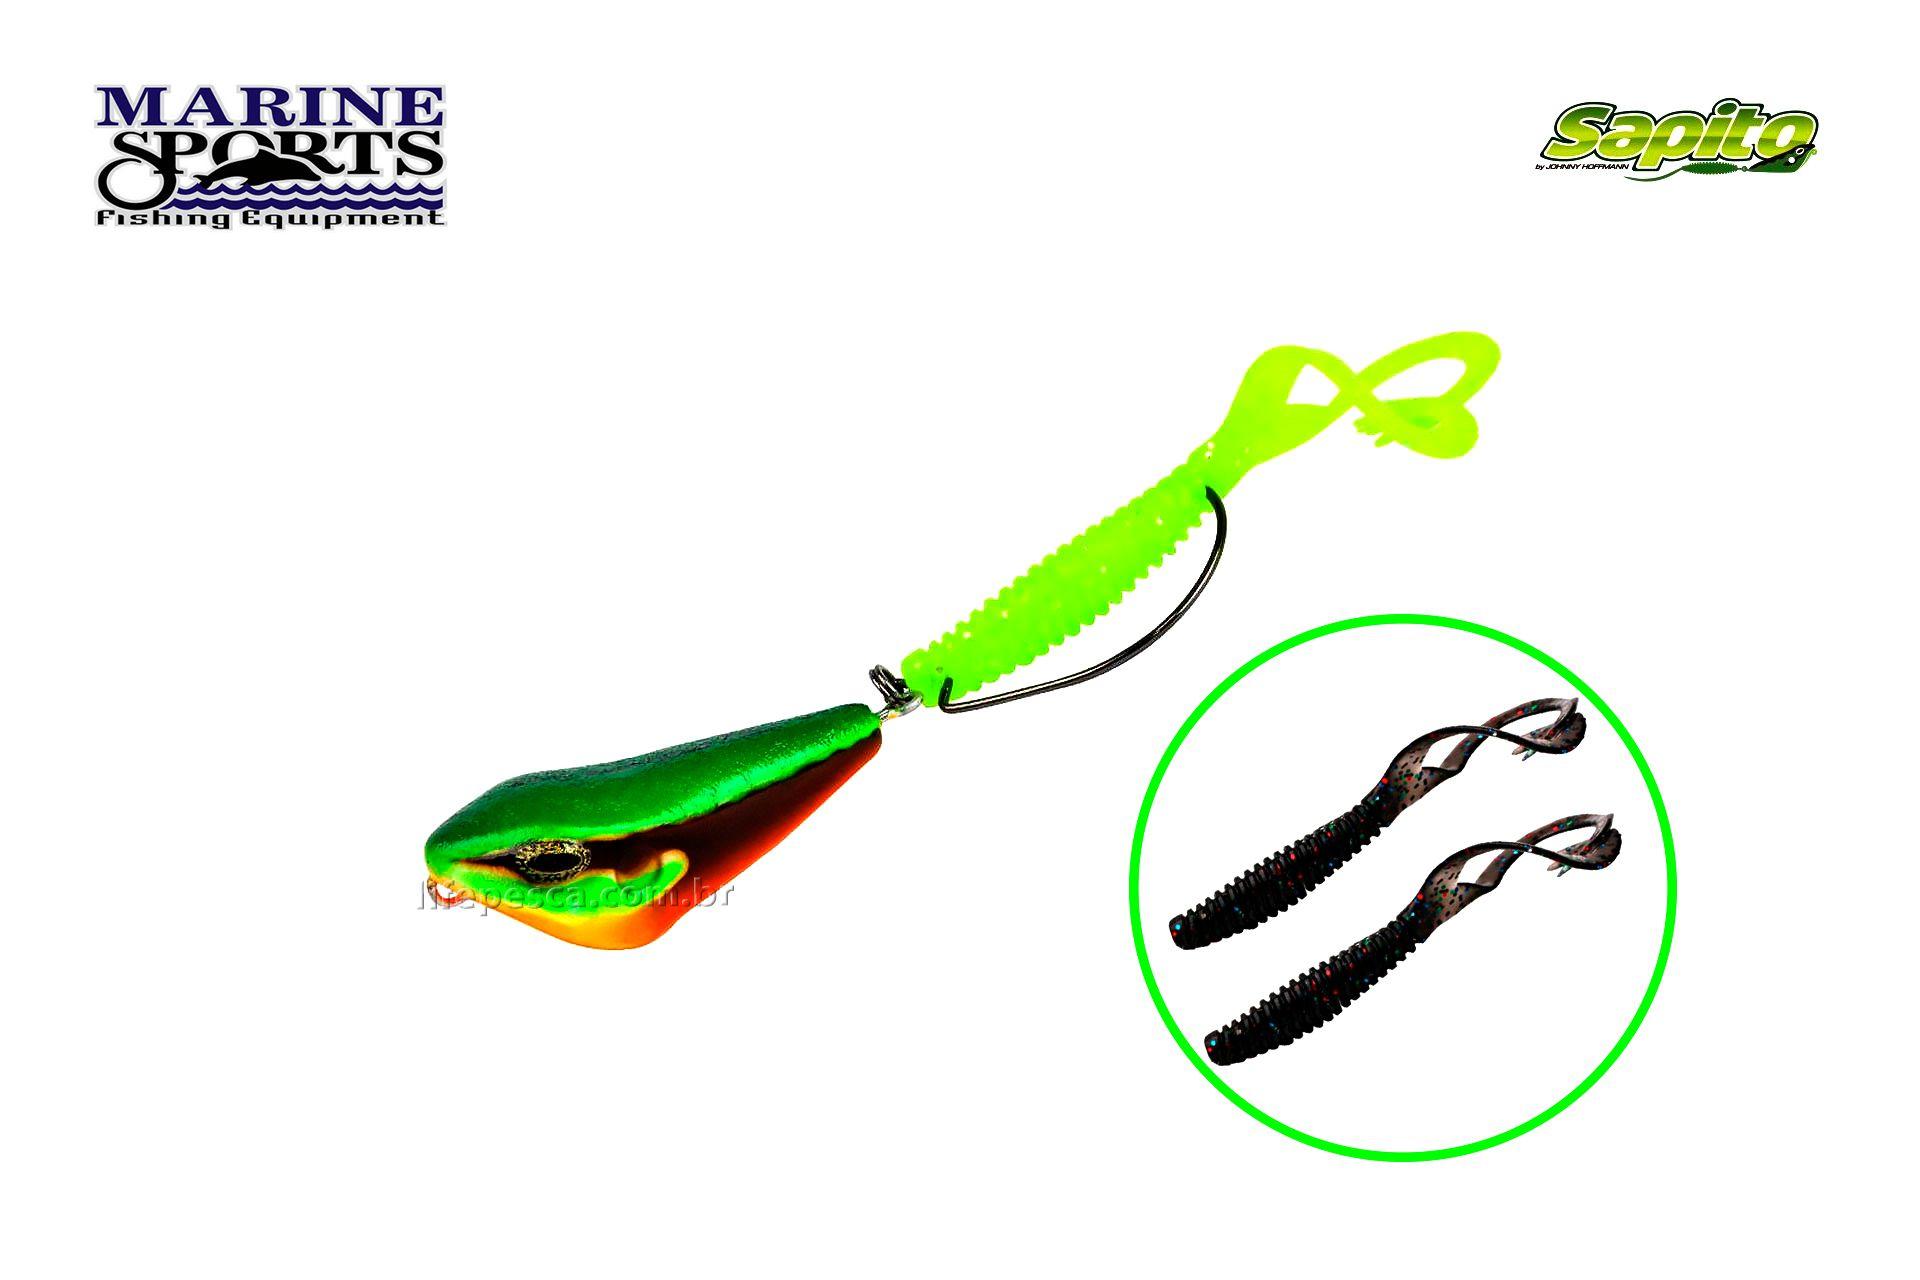 Isca Artificial Marine Sports Sapito SP-40 (6g) - Várias Cores  - Life Pesca - Sua loja de Pesca, Camping e Lazer